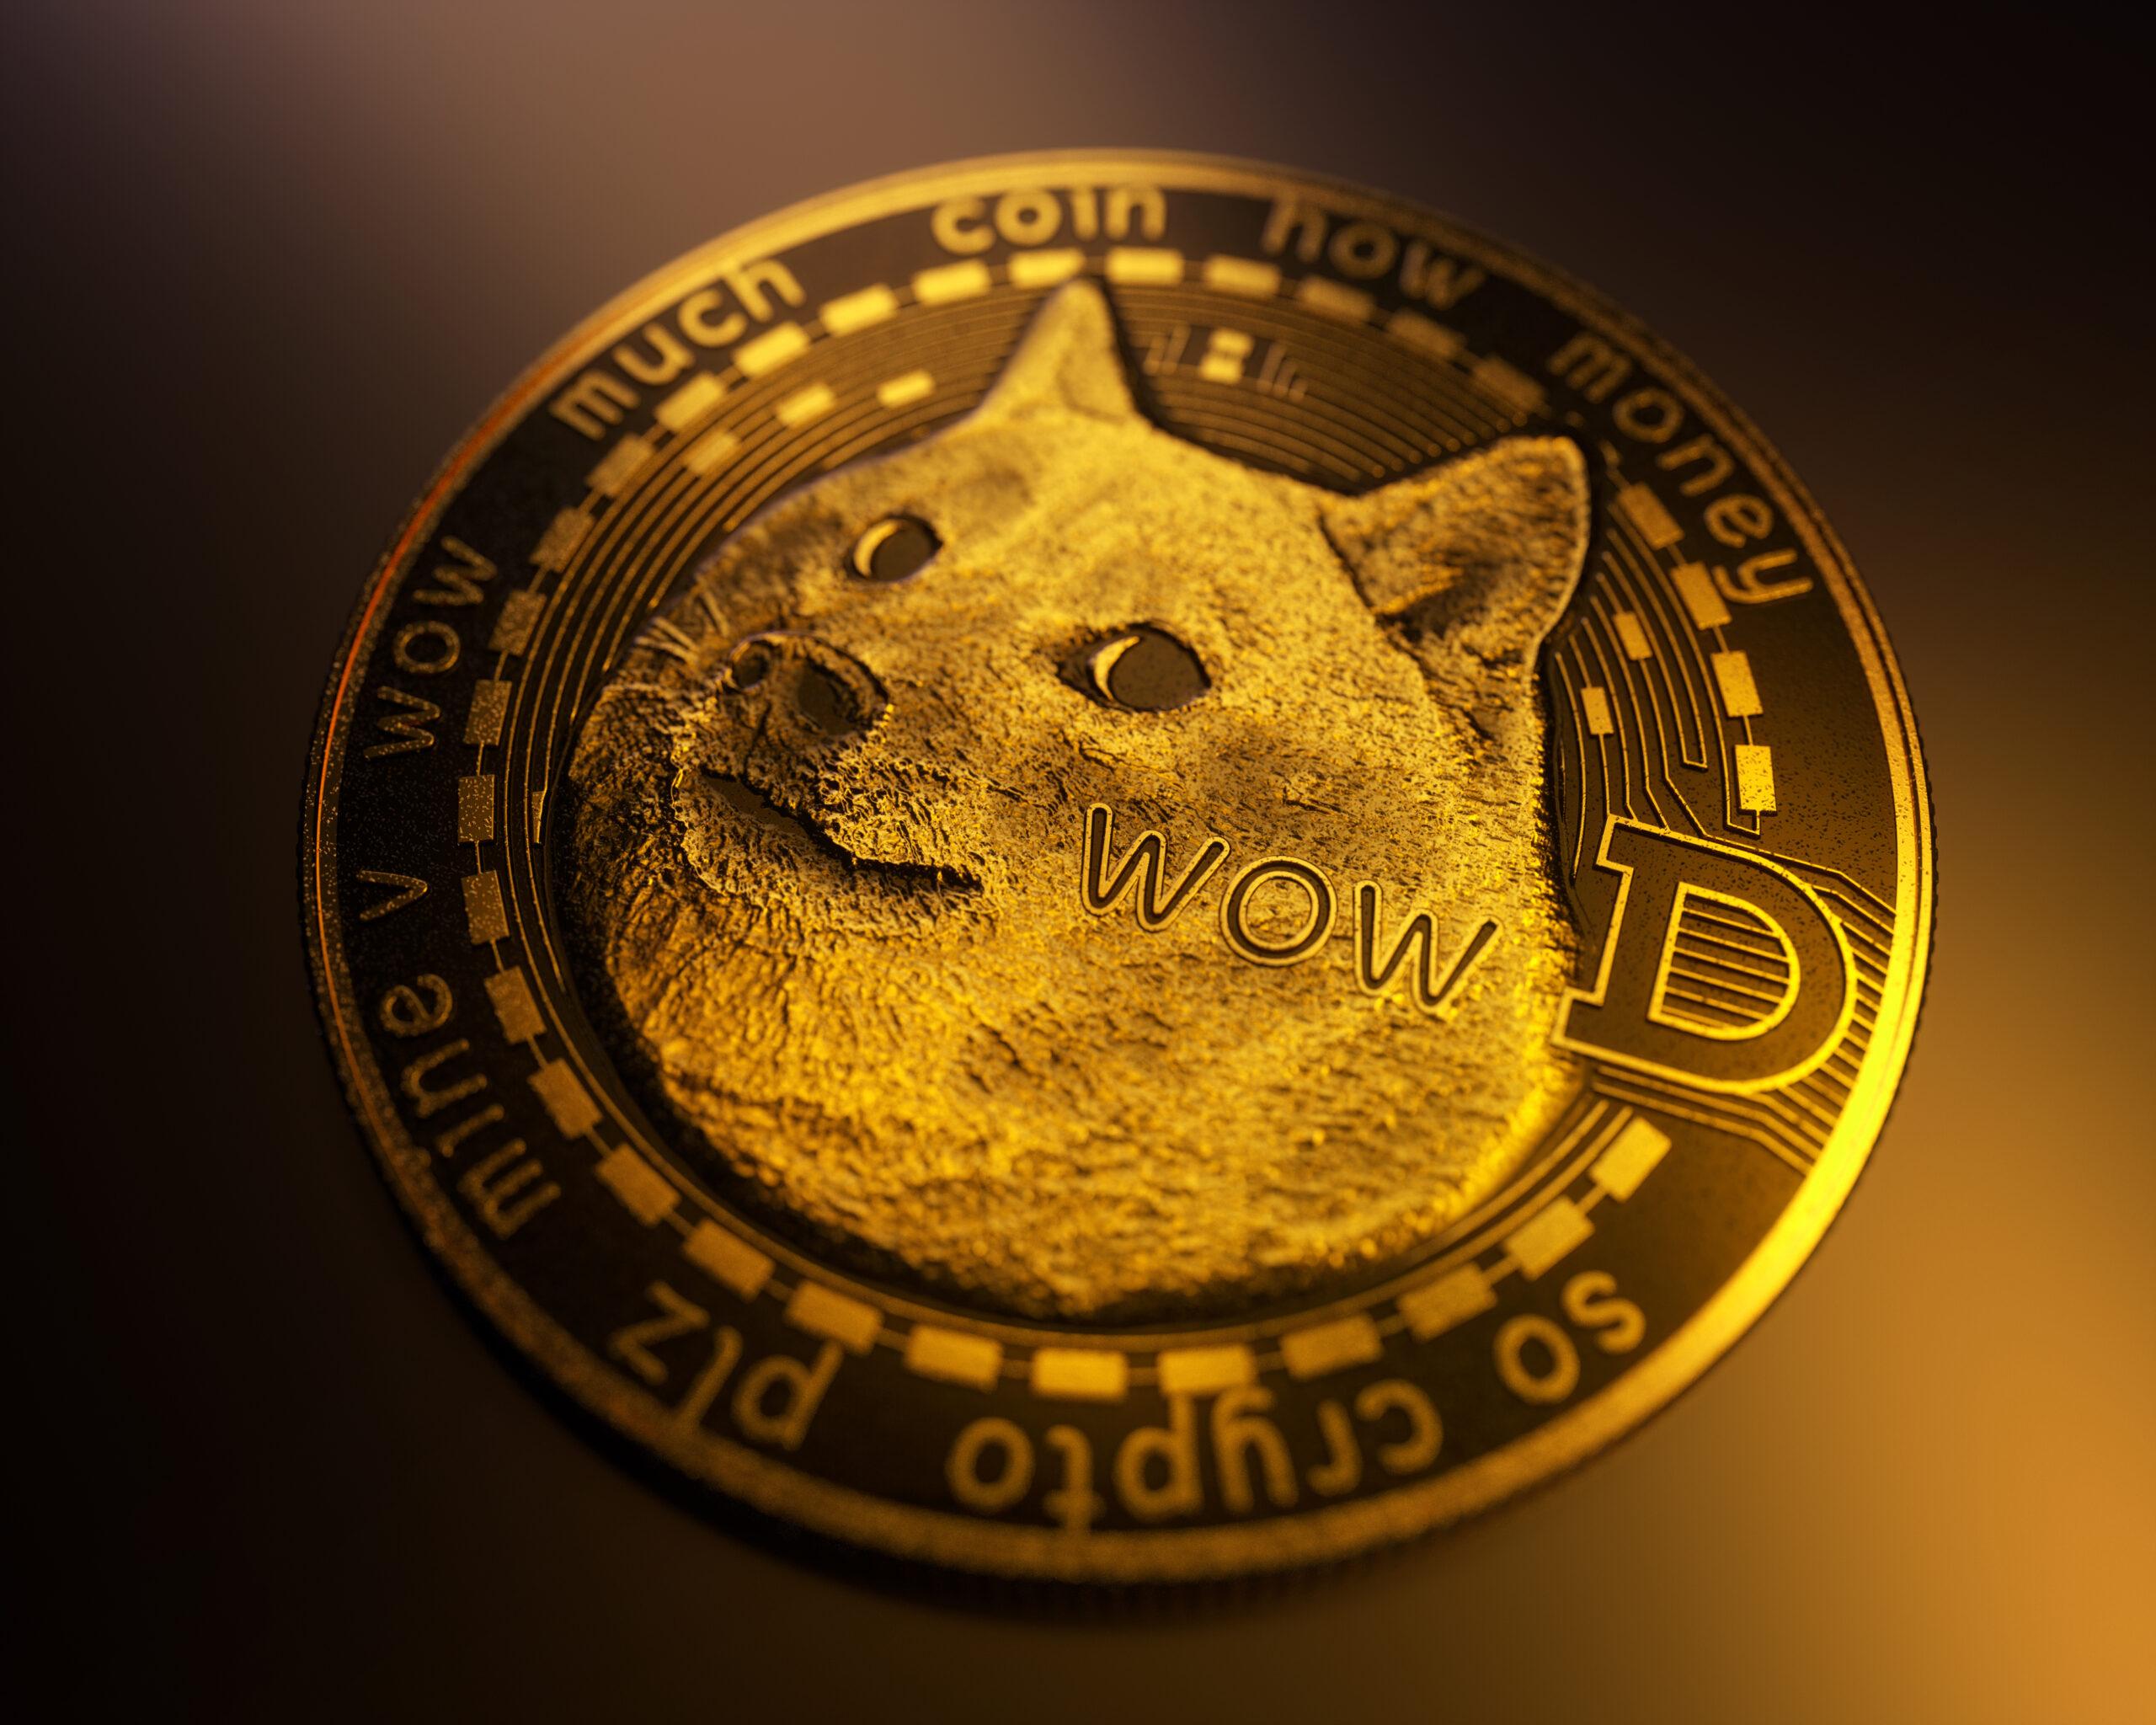 ドージコイン投資に潜むリスク